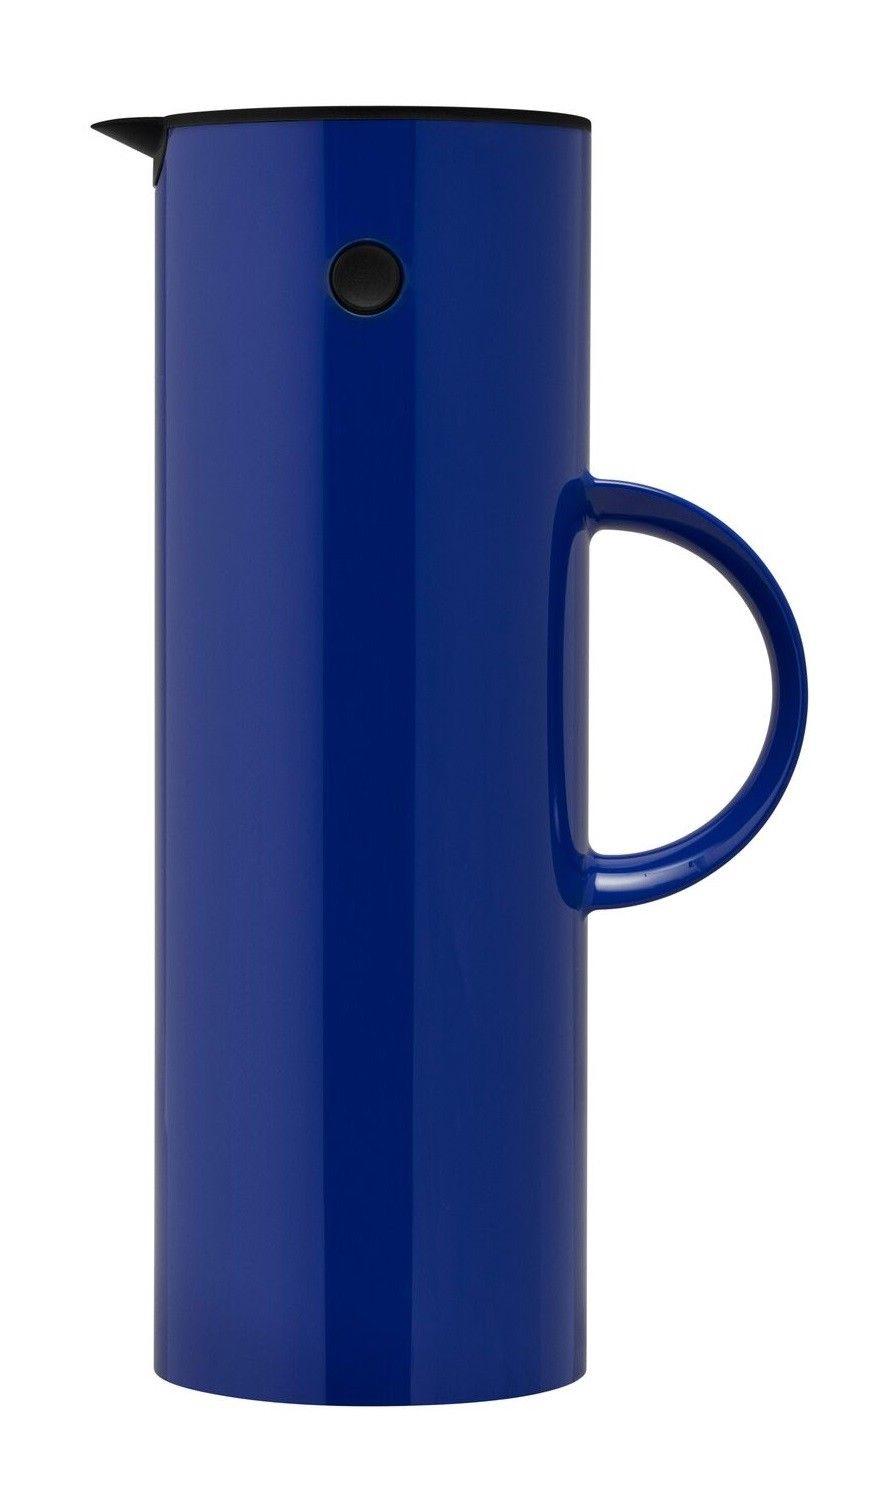 Термос Stelton 926, синий, 1 л